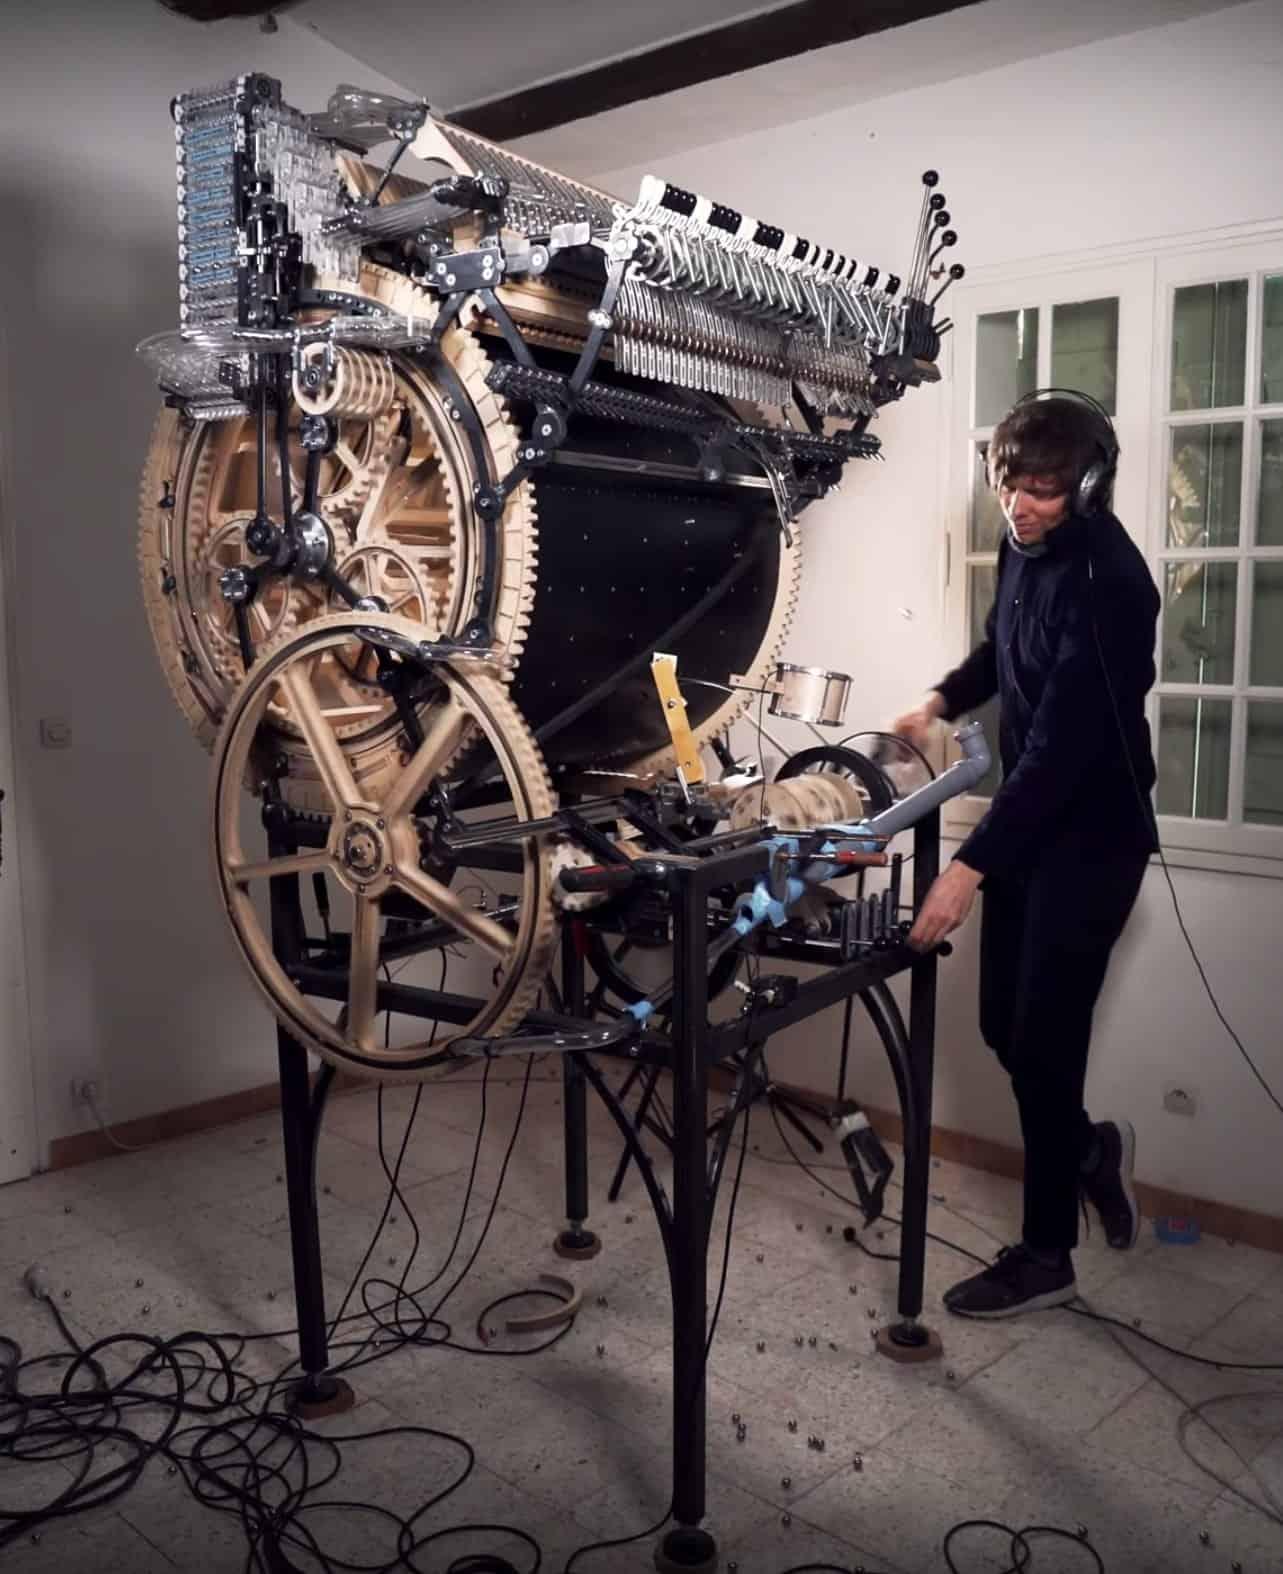 de nieuwe marble machine van Wintergatan